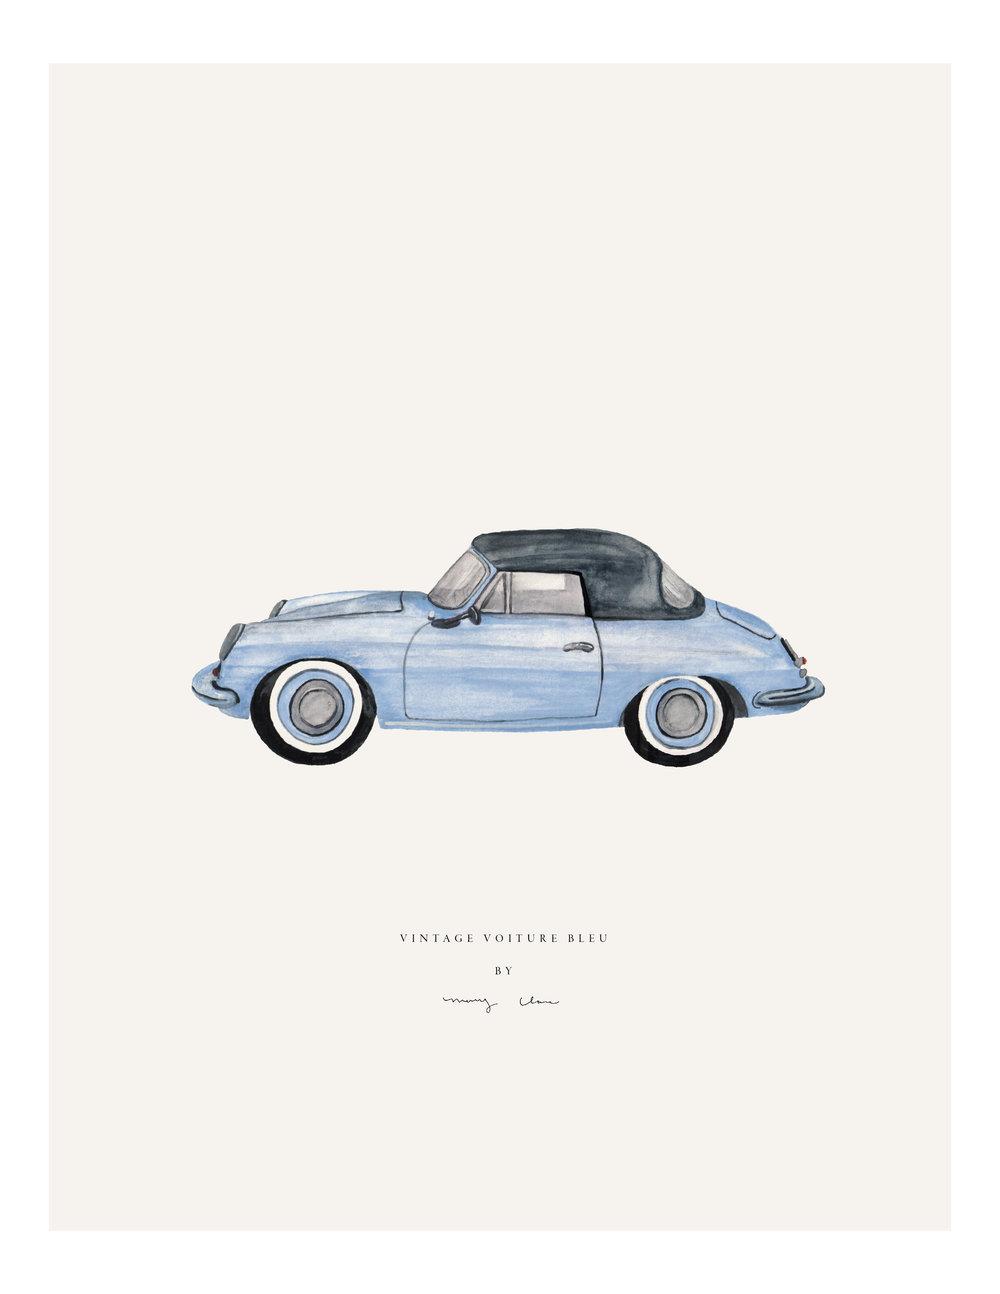 Vintage-blue-car-maryclarewilkie-01-01.jpg